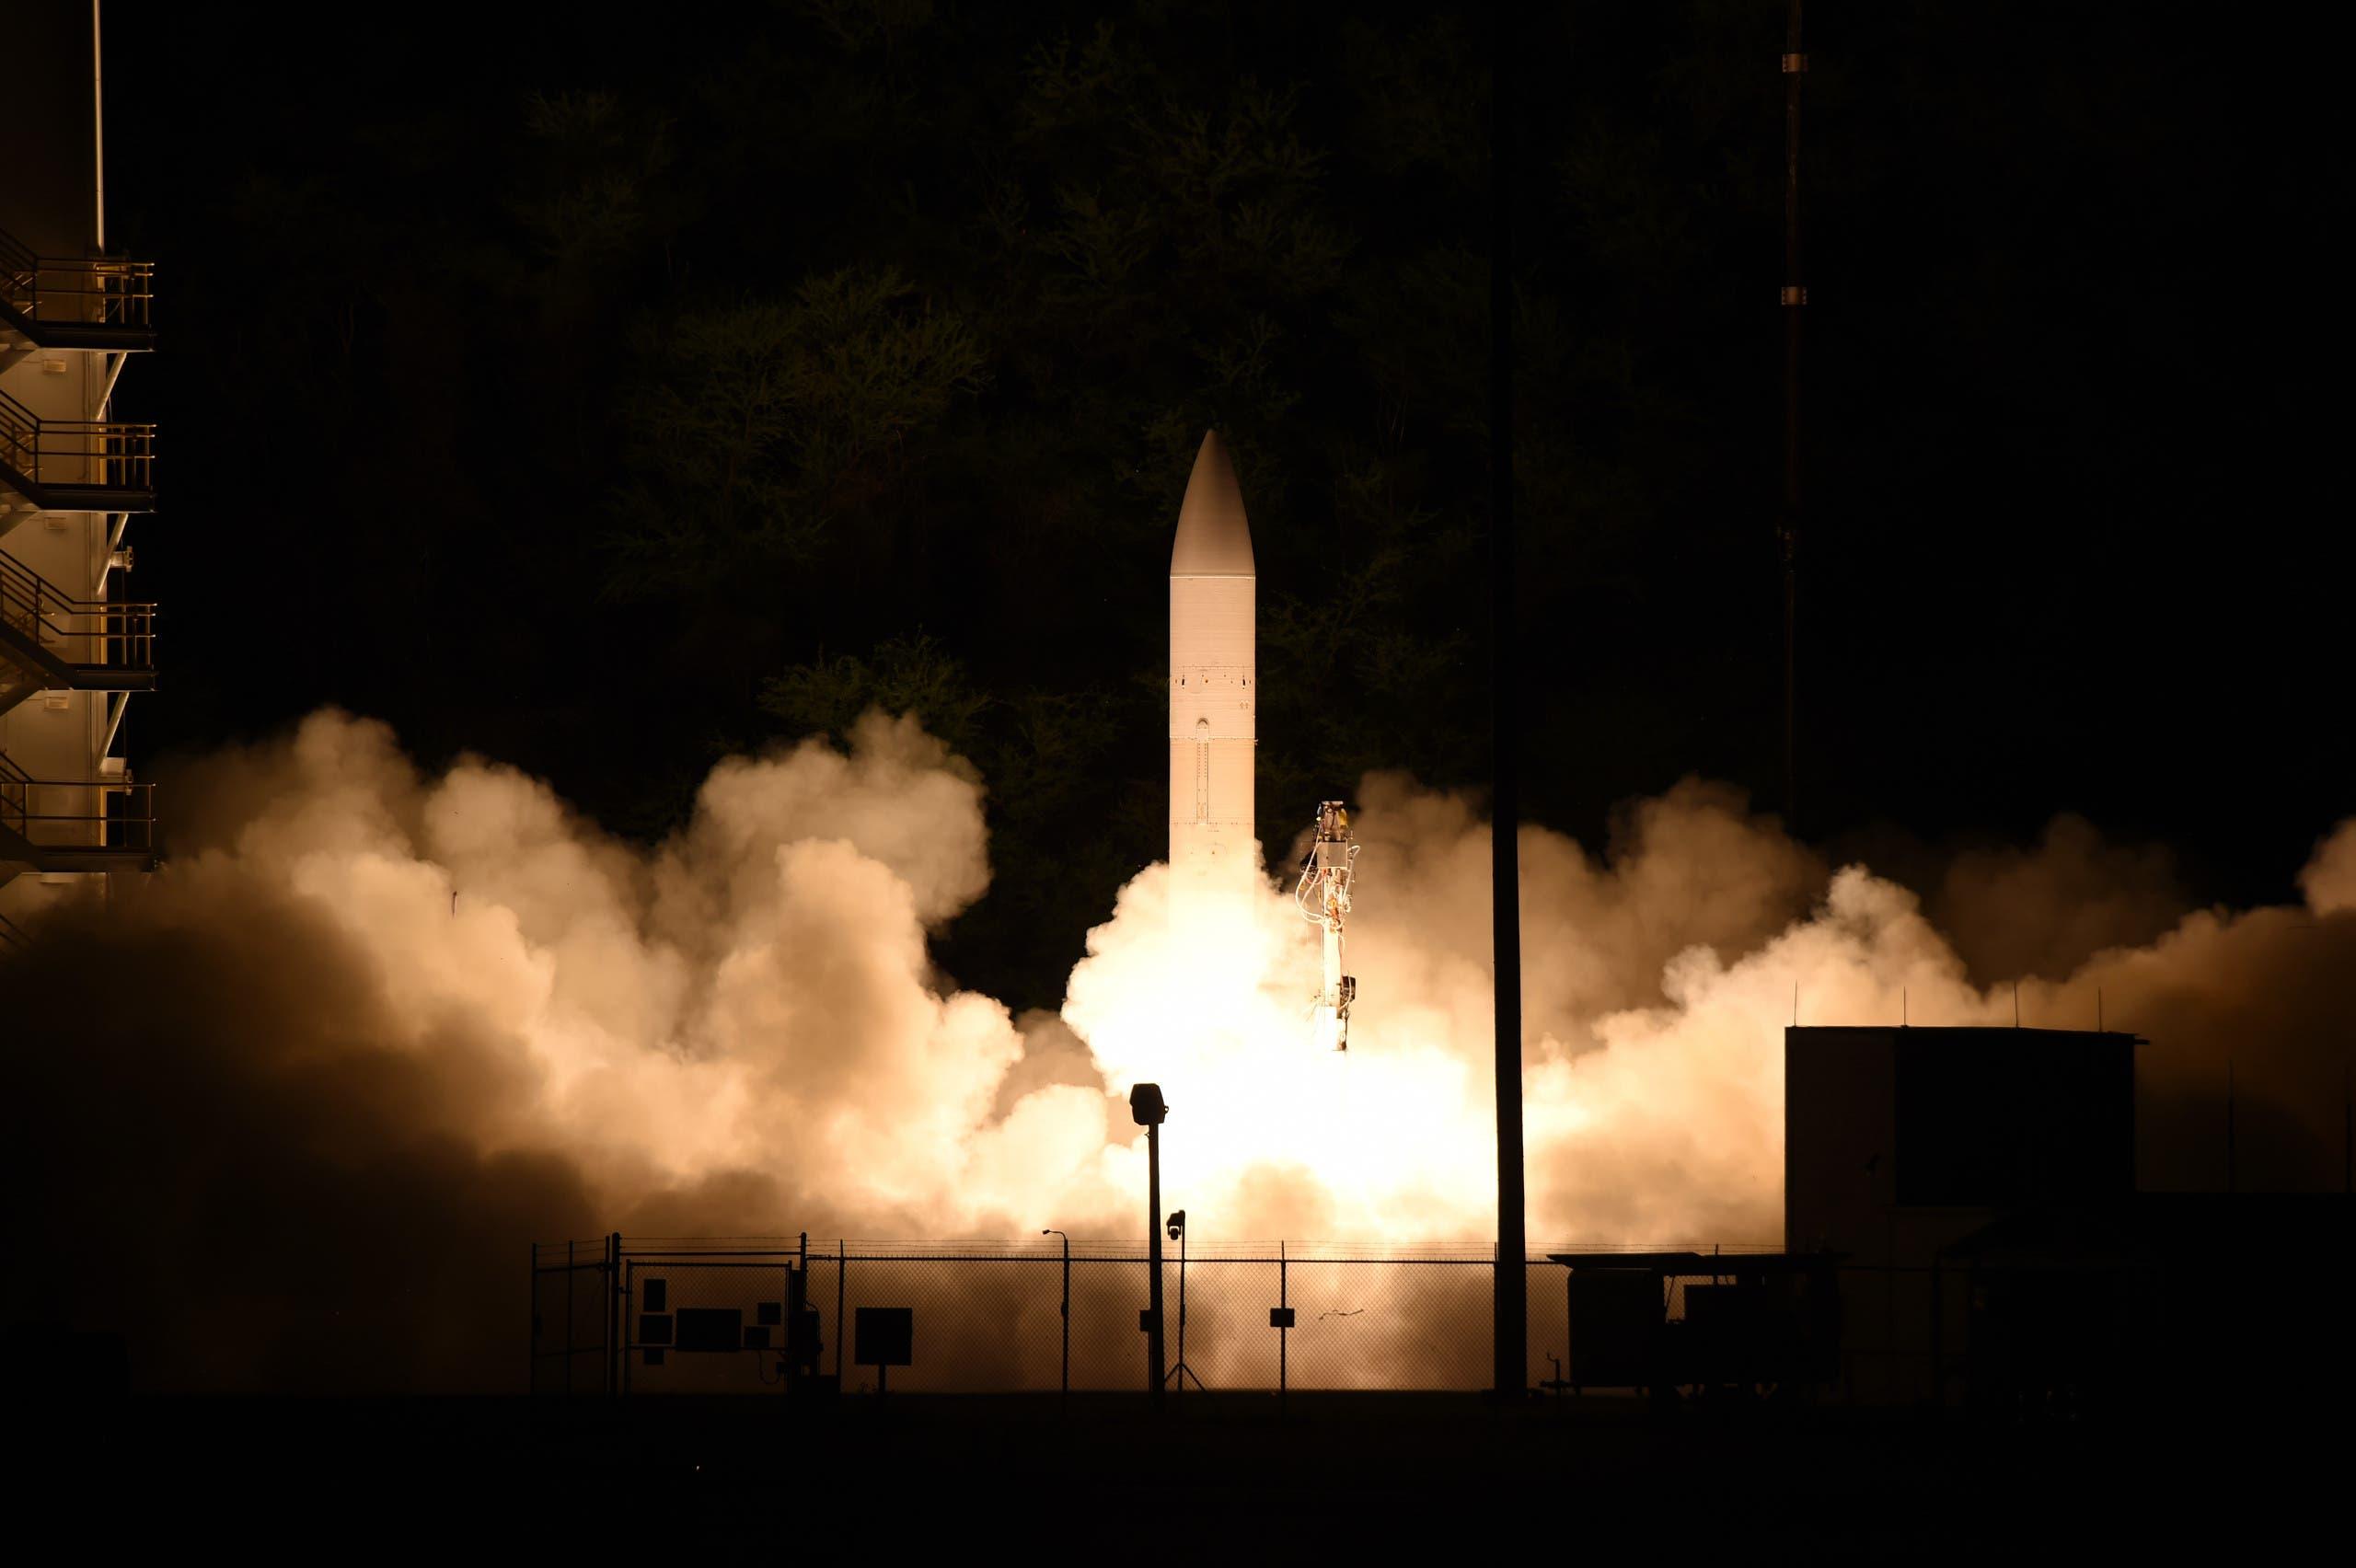 إطلاق صاروخ أميركي فائق السرعة في مارس الماضي